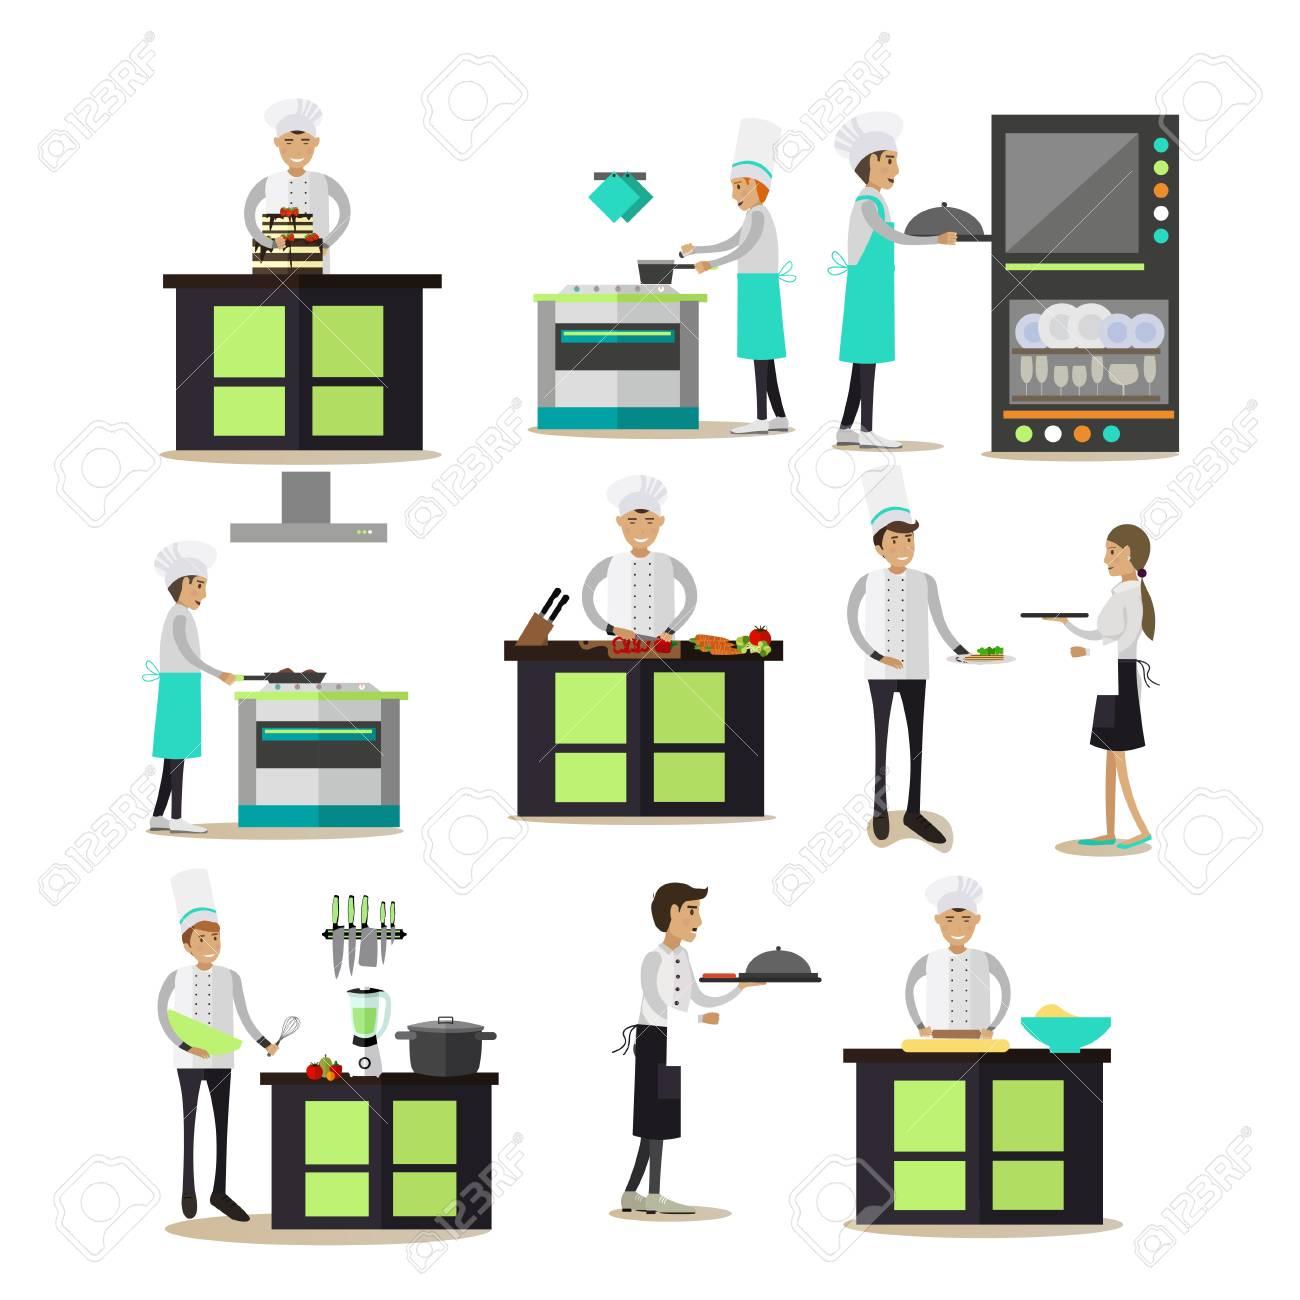 vecteur série d'icônes de gens de cuisine professionnelle dans un